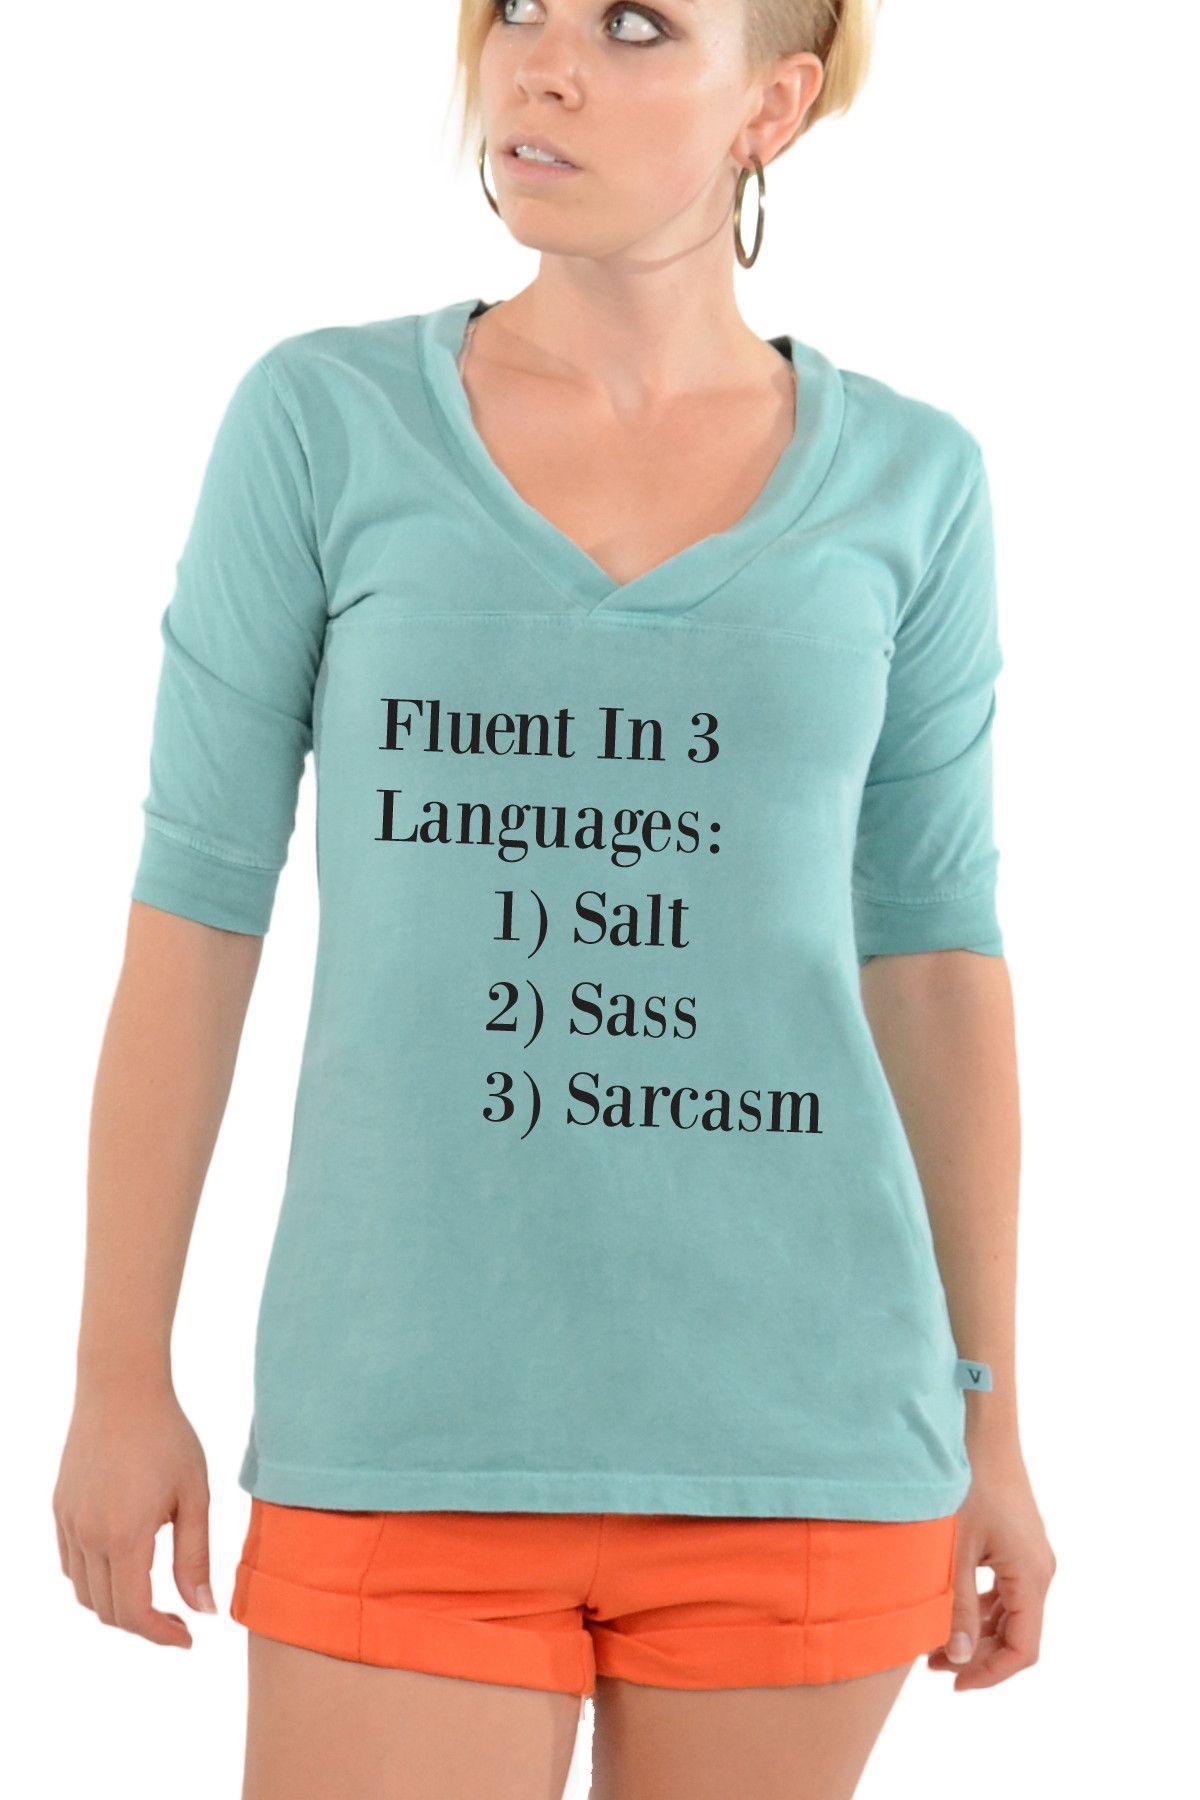 Salt, Sass, Sarcasm-Football V-Neck Tee